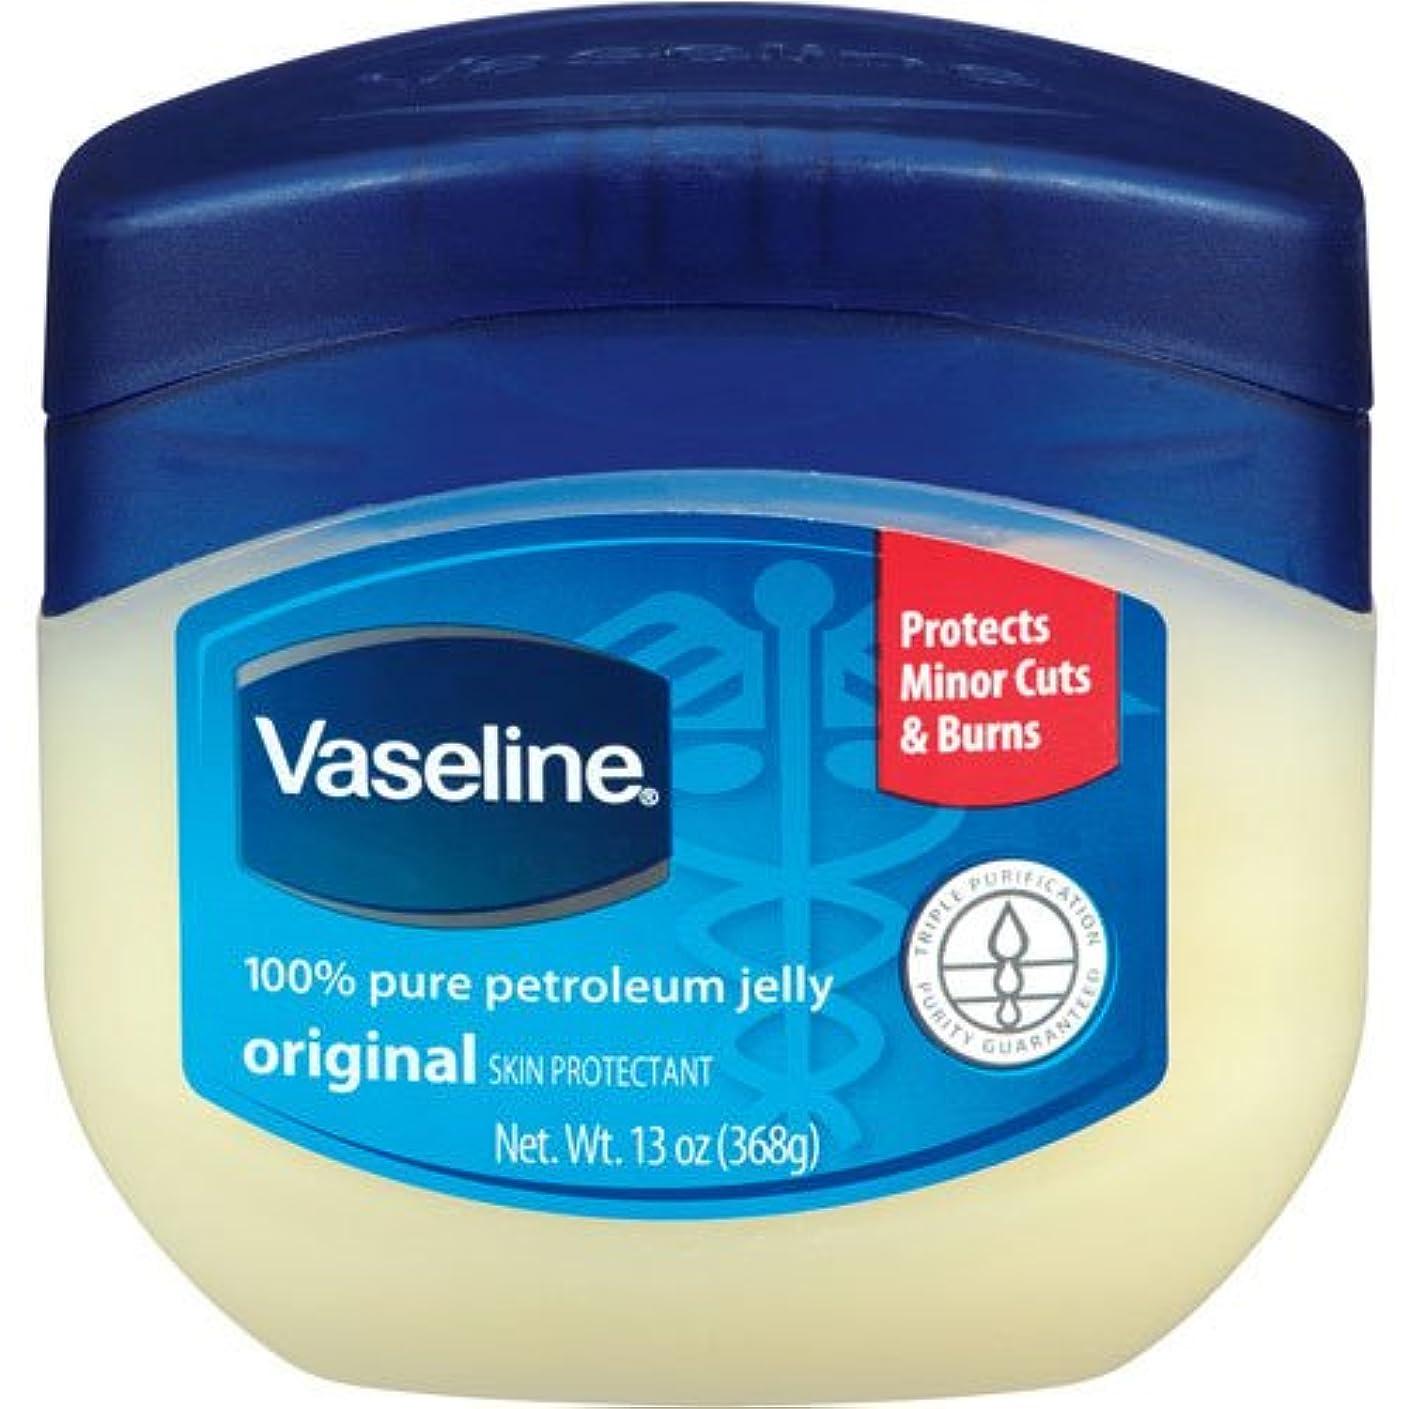 案件復讐雪ヴァセリン [Vaseline]ペトロリュームジェリージャータイプ[保湿クリーム]368g[並行輸入品]